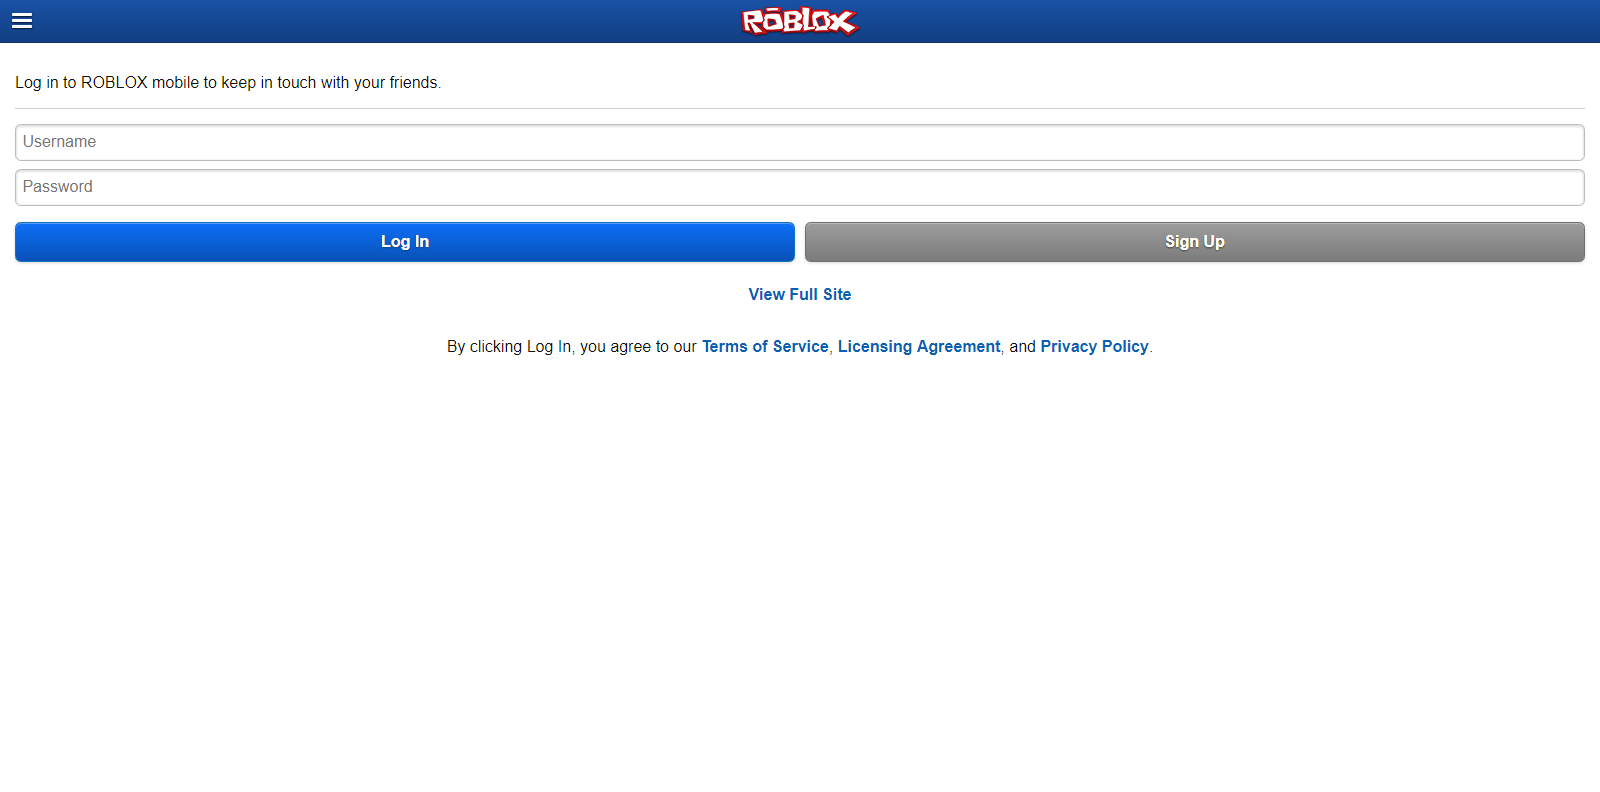 m roblox com   Roblox Wikia   FANDOM powered by Wikia